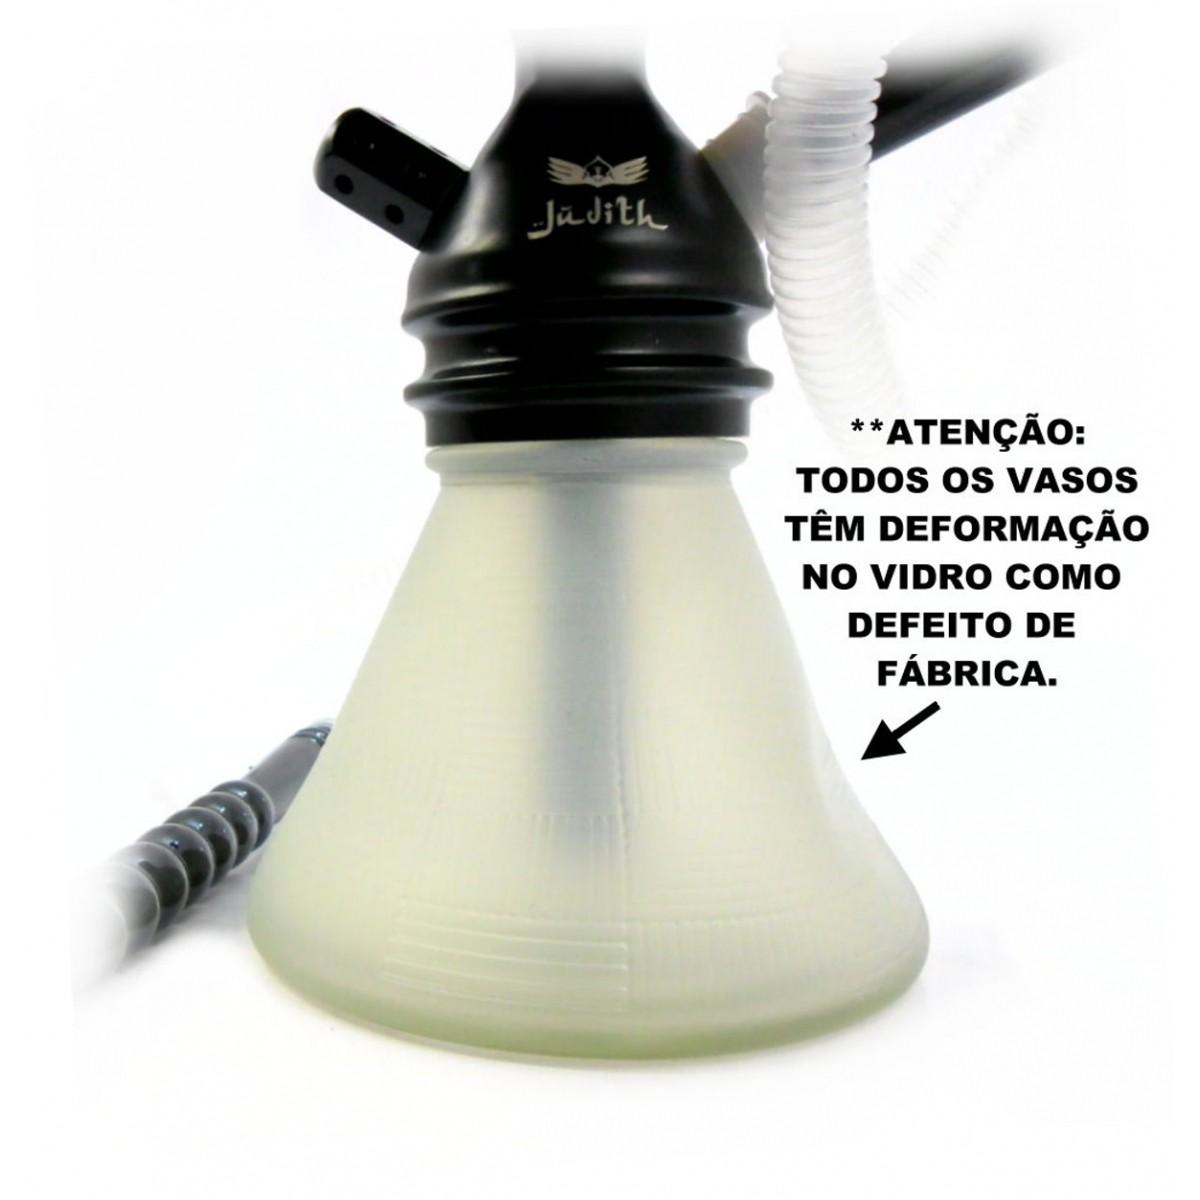 Narguile JUDITH PRETO LISO 33cm, vaso petit BRANCO, mangueira MD HOSE, fornilho Flux Bowl BRANCO prato VENNUS PRETO/CROM